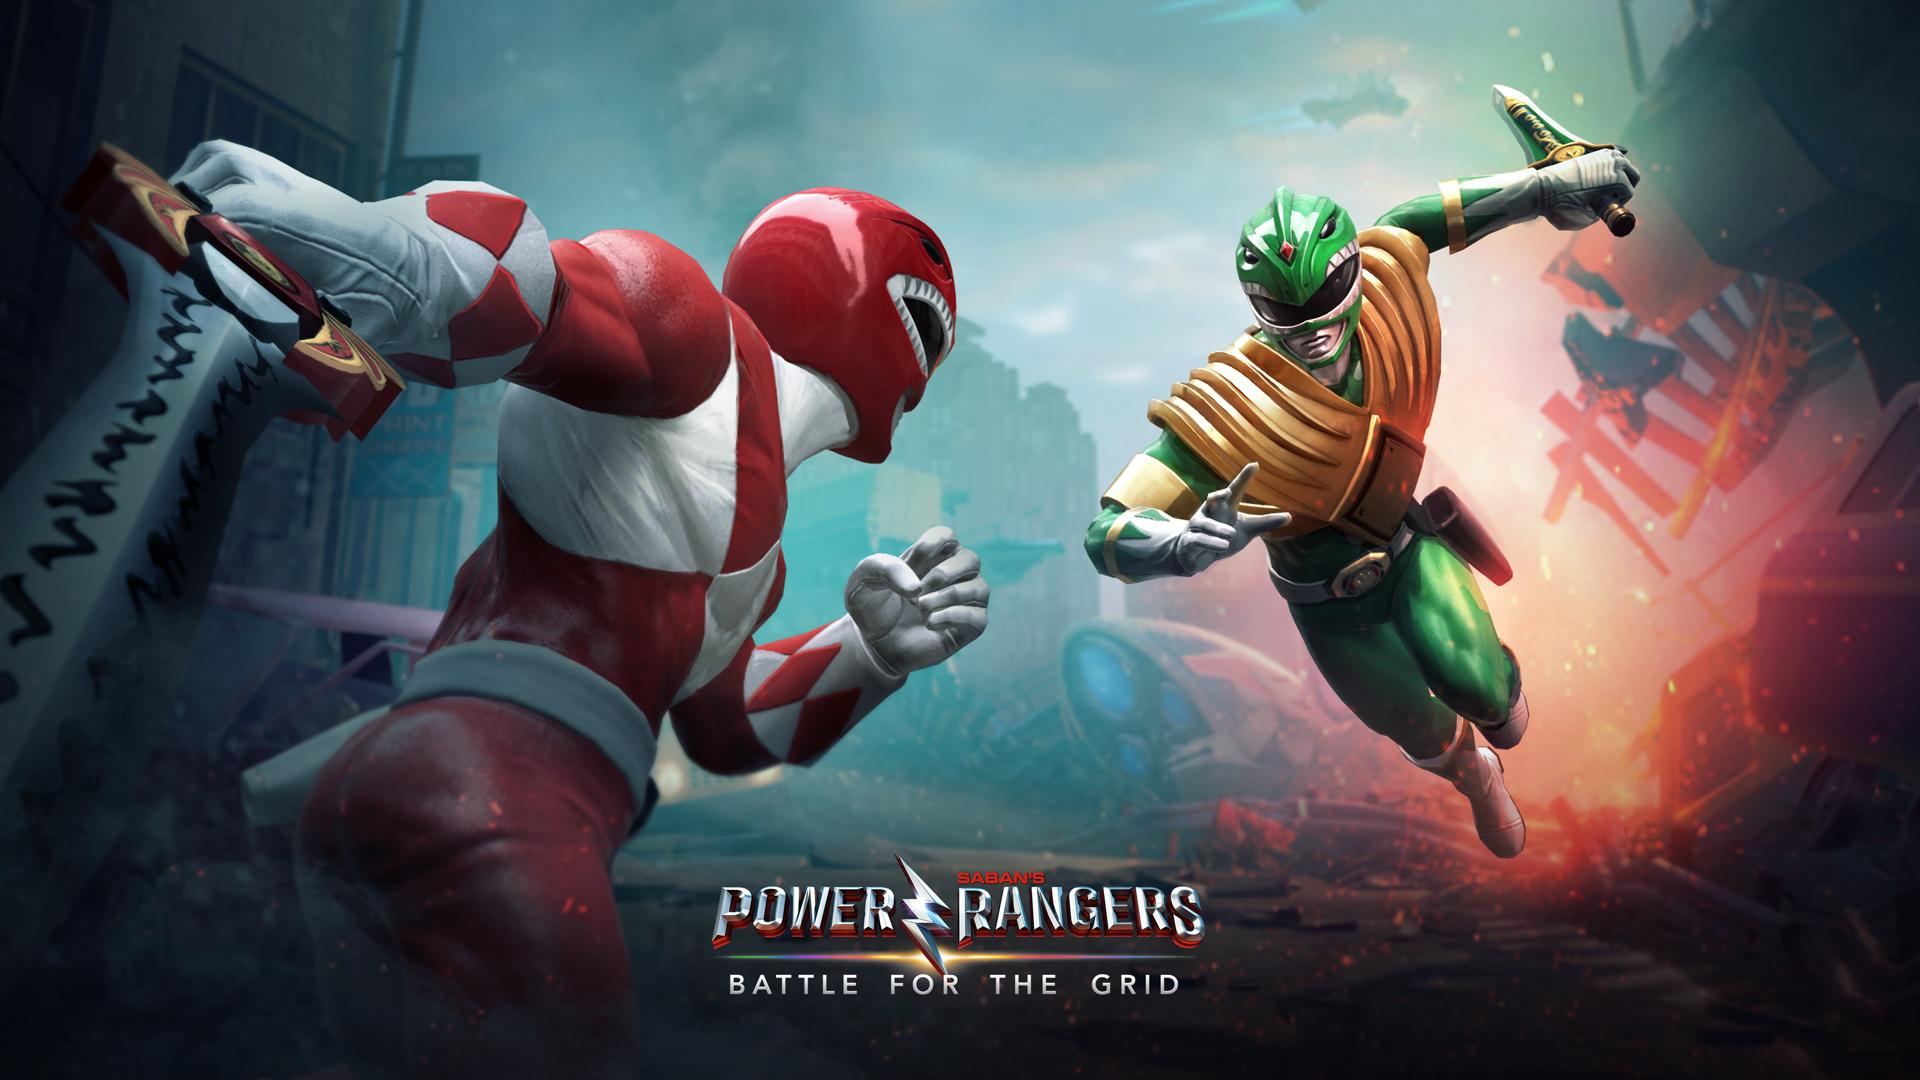 Power Rangers: Battle for the Grid artwork